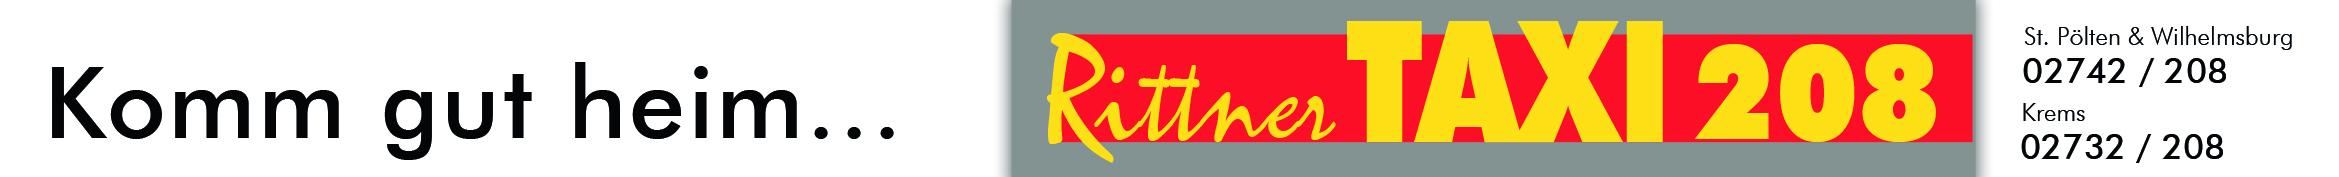 Rittner - komm gut heim